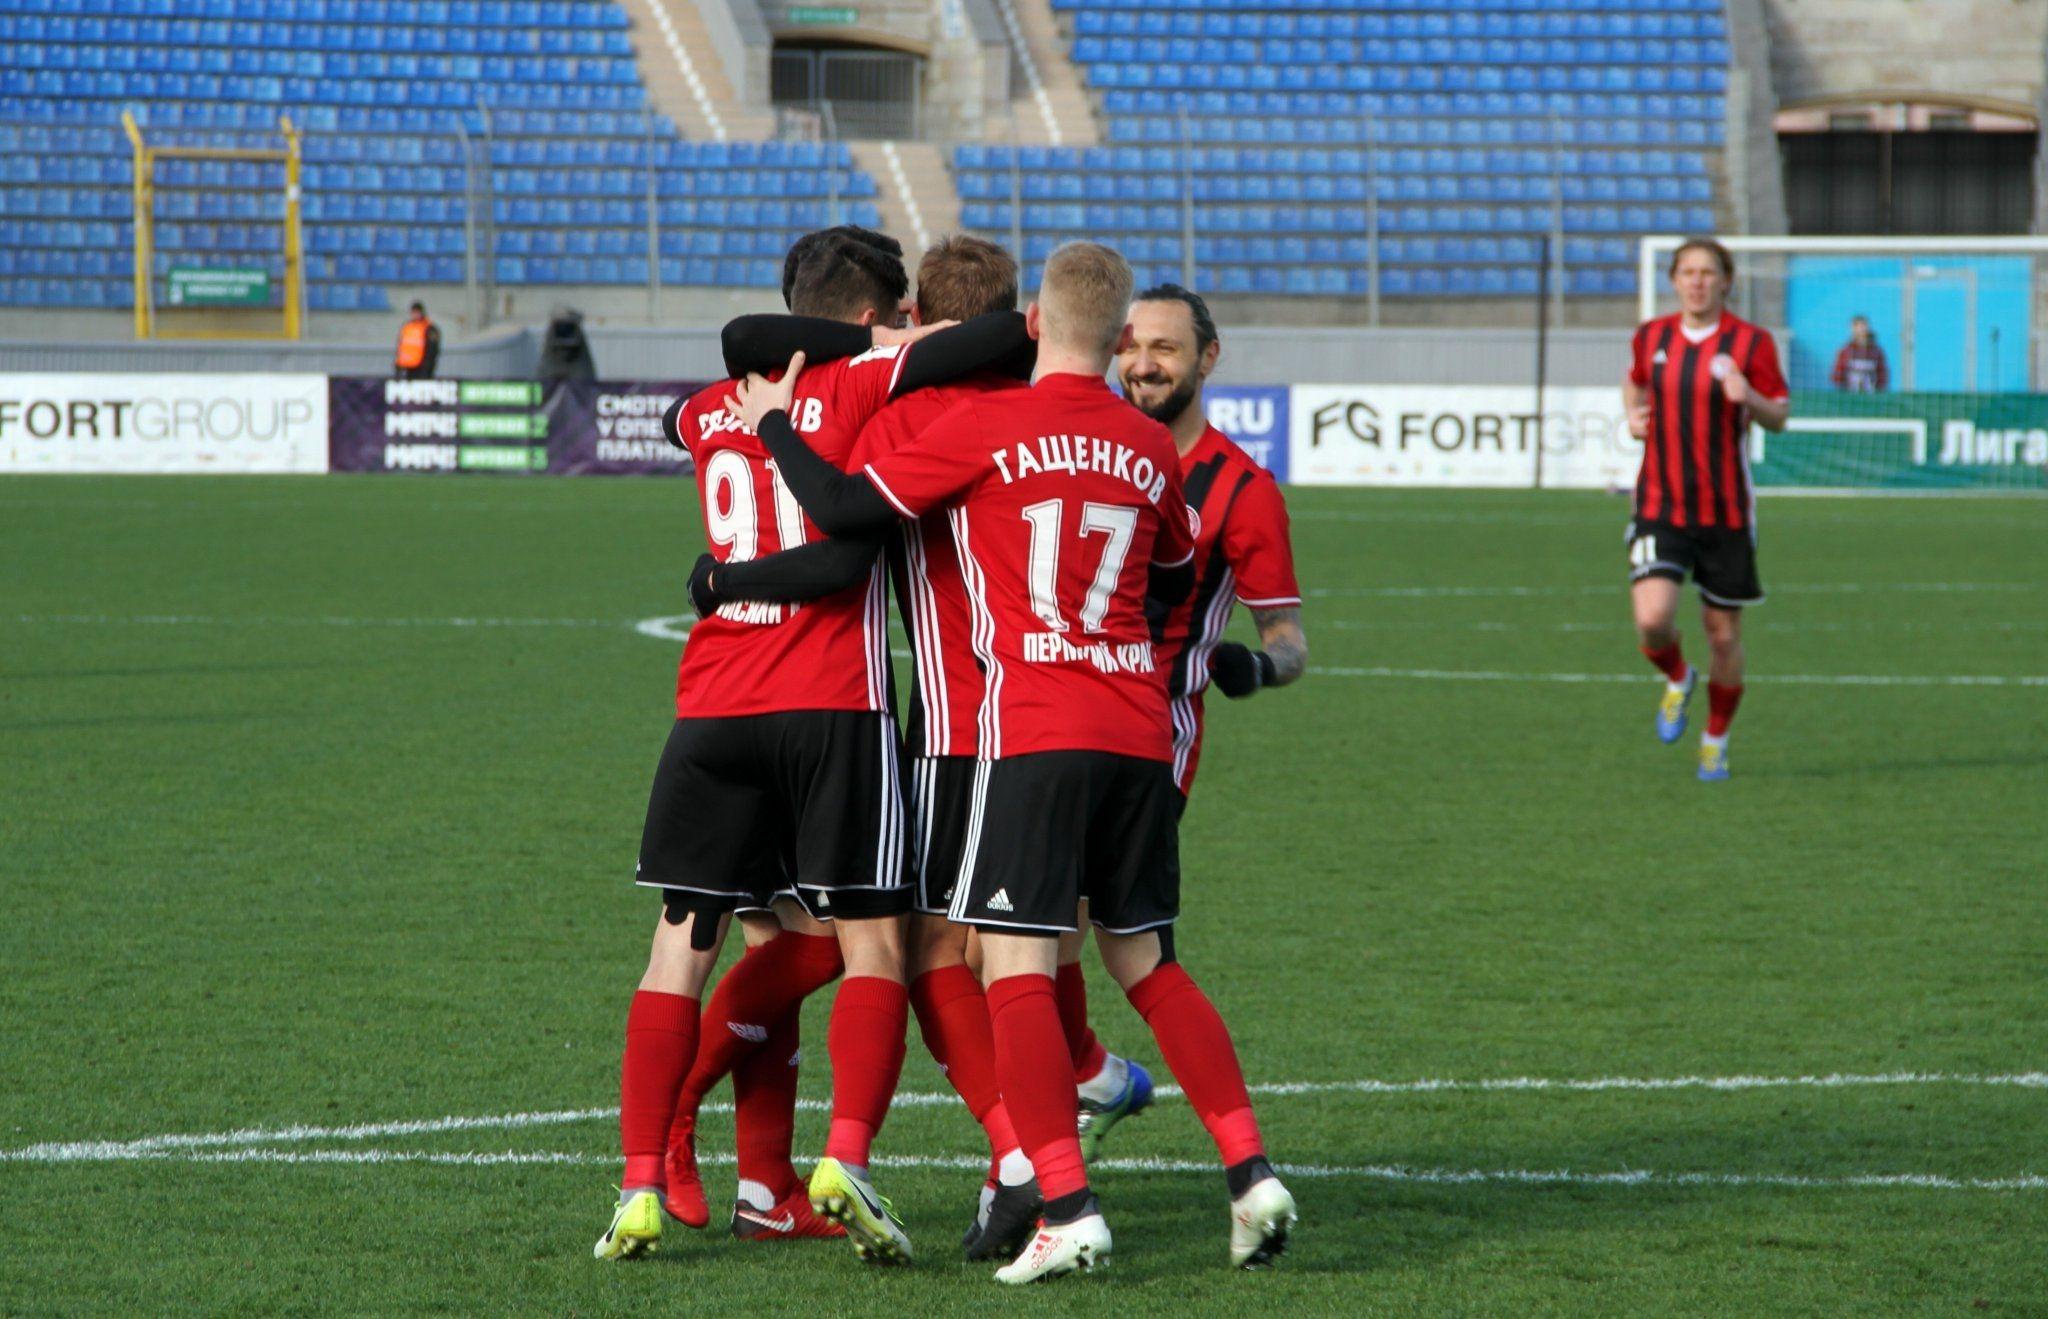 В мач от 27-ия кръг на Премиер лигата Амкар победи